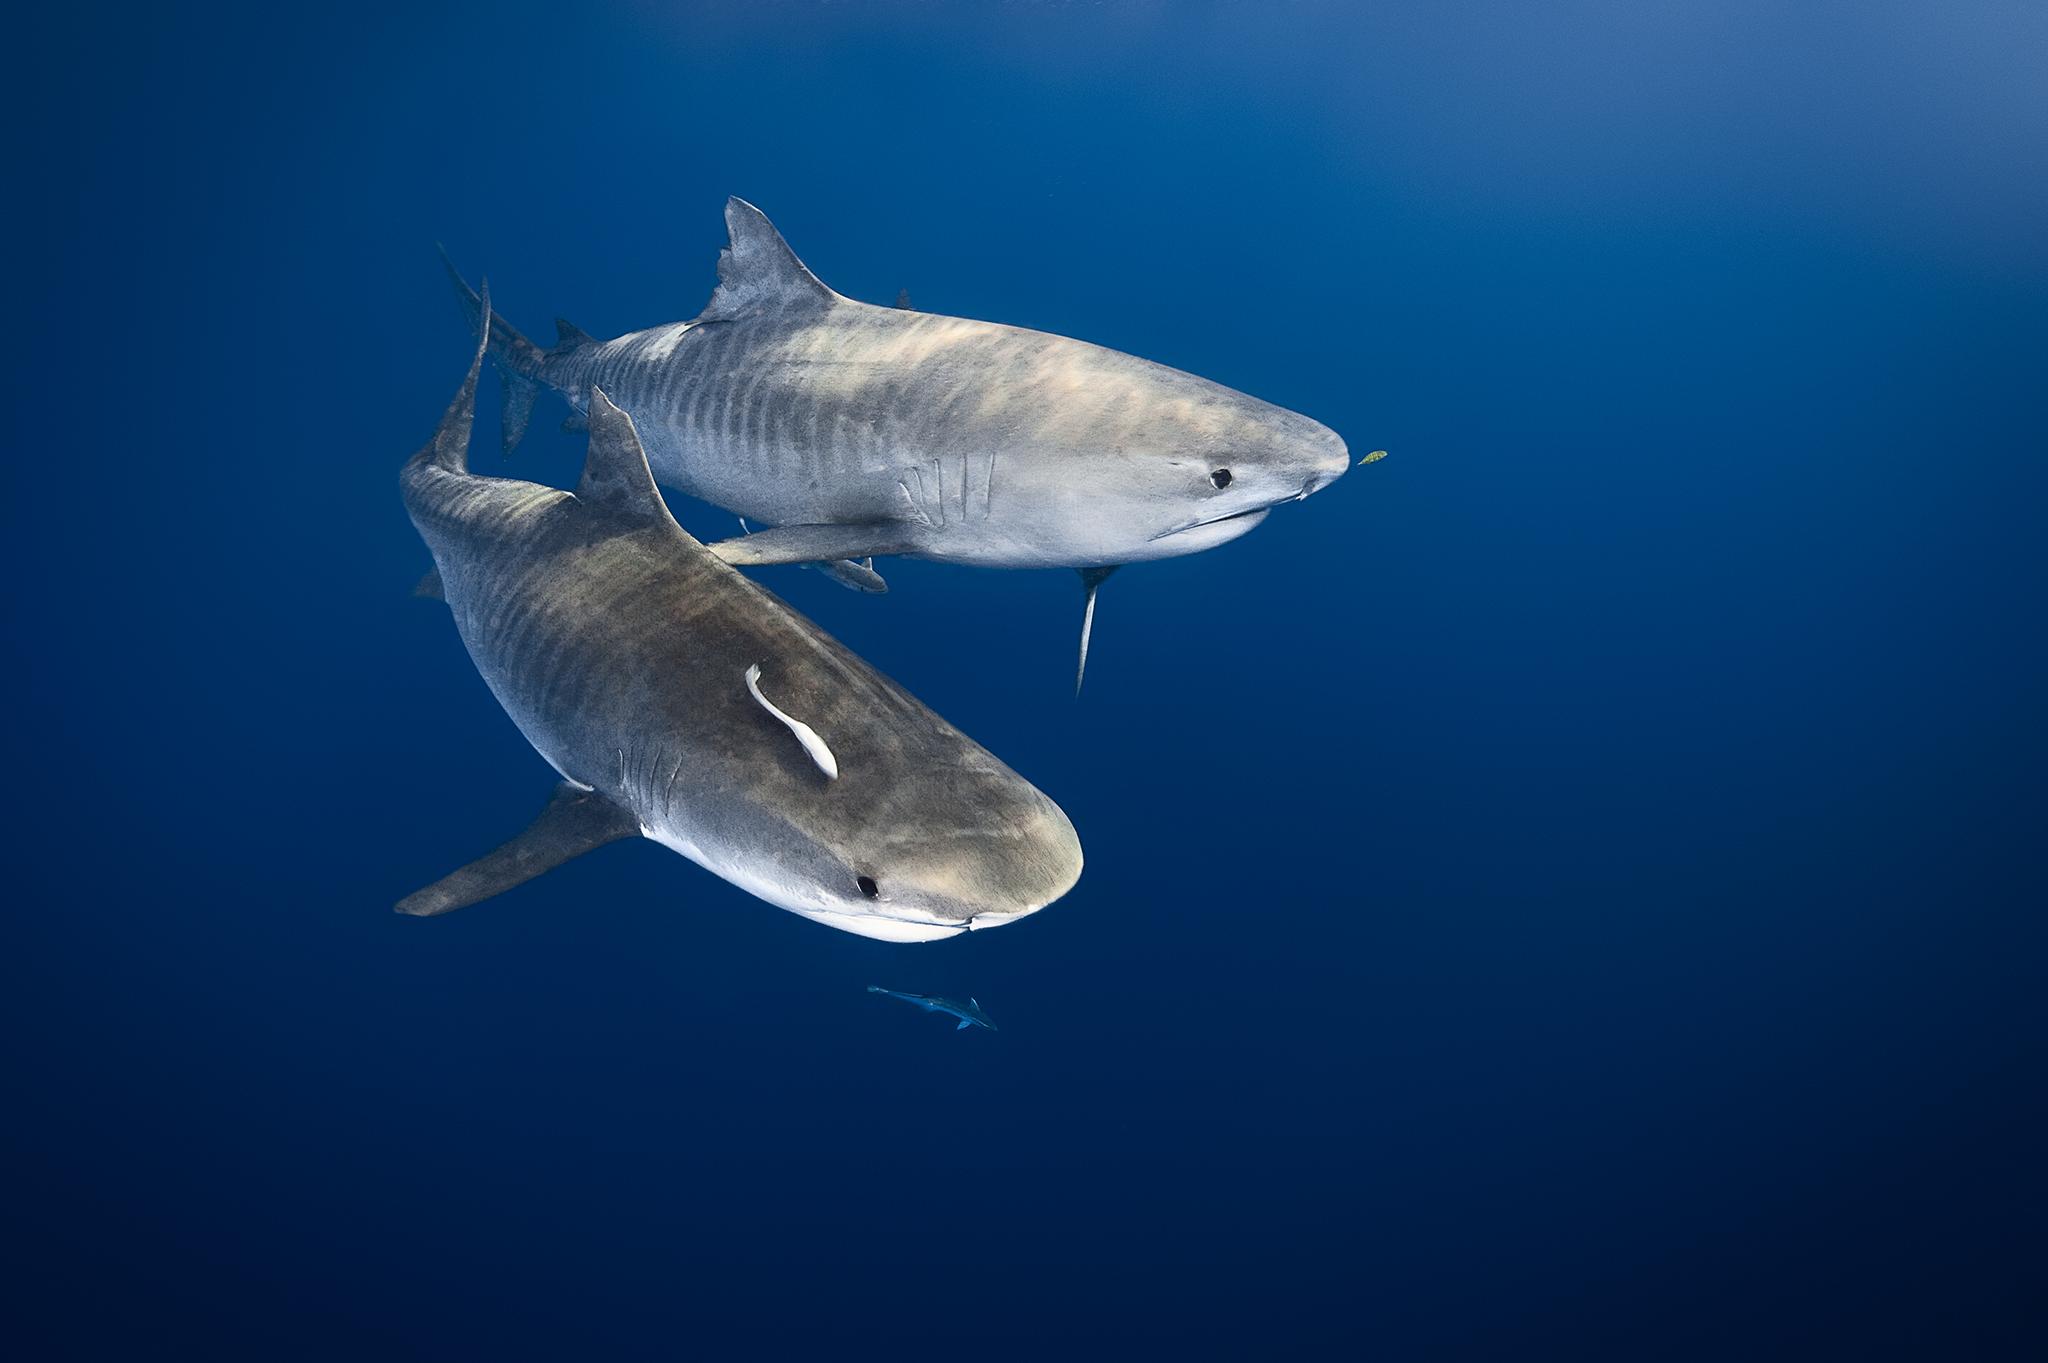 Tigers sharks feeding on dead sperm whale, Great Barrier Reef, Australia.